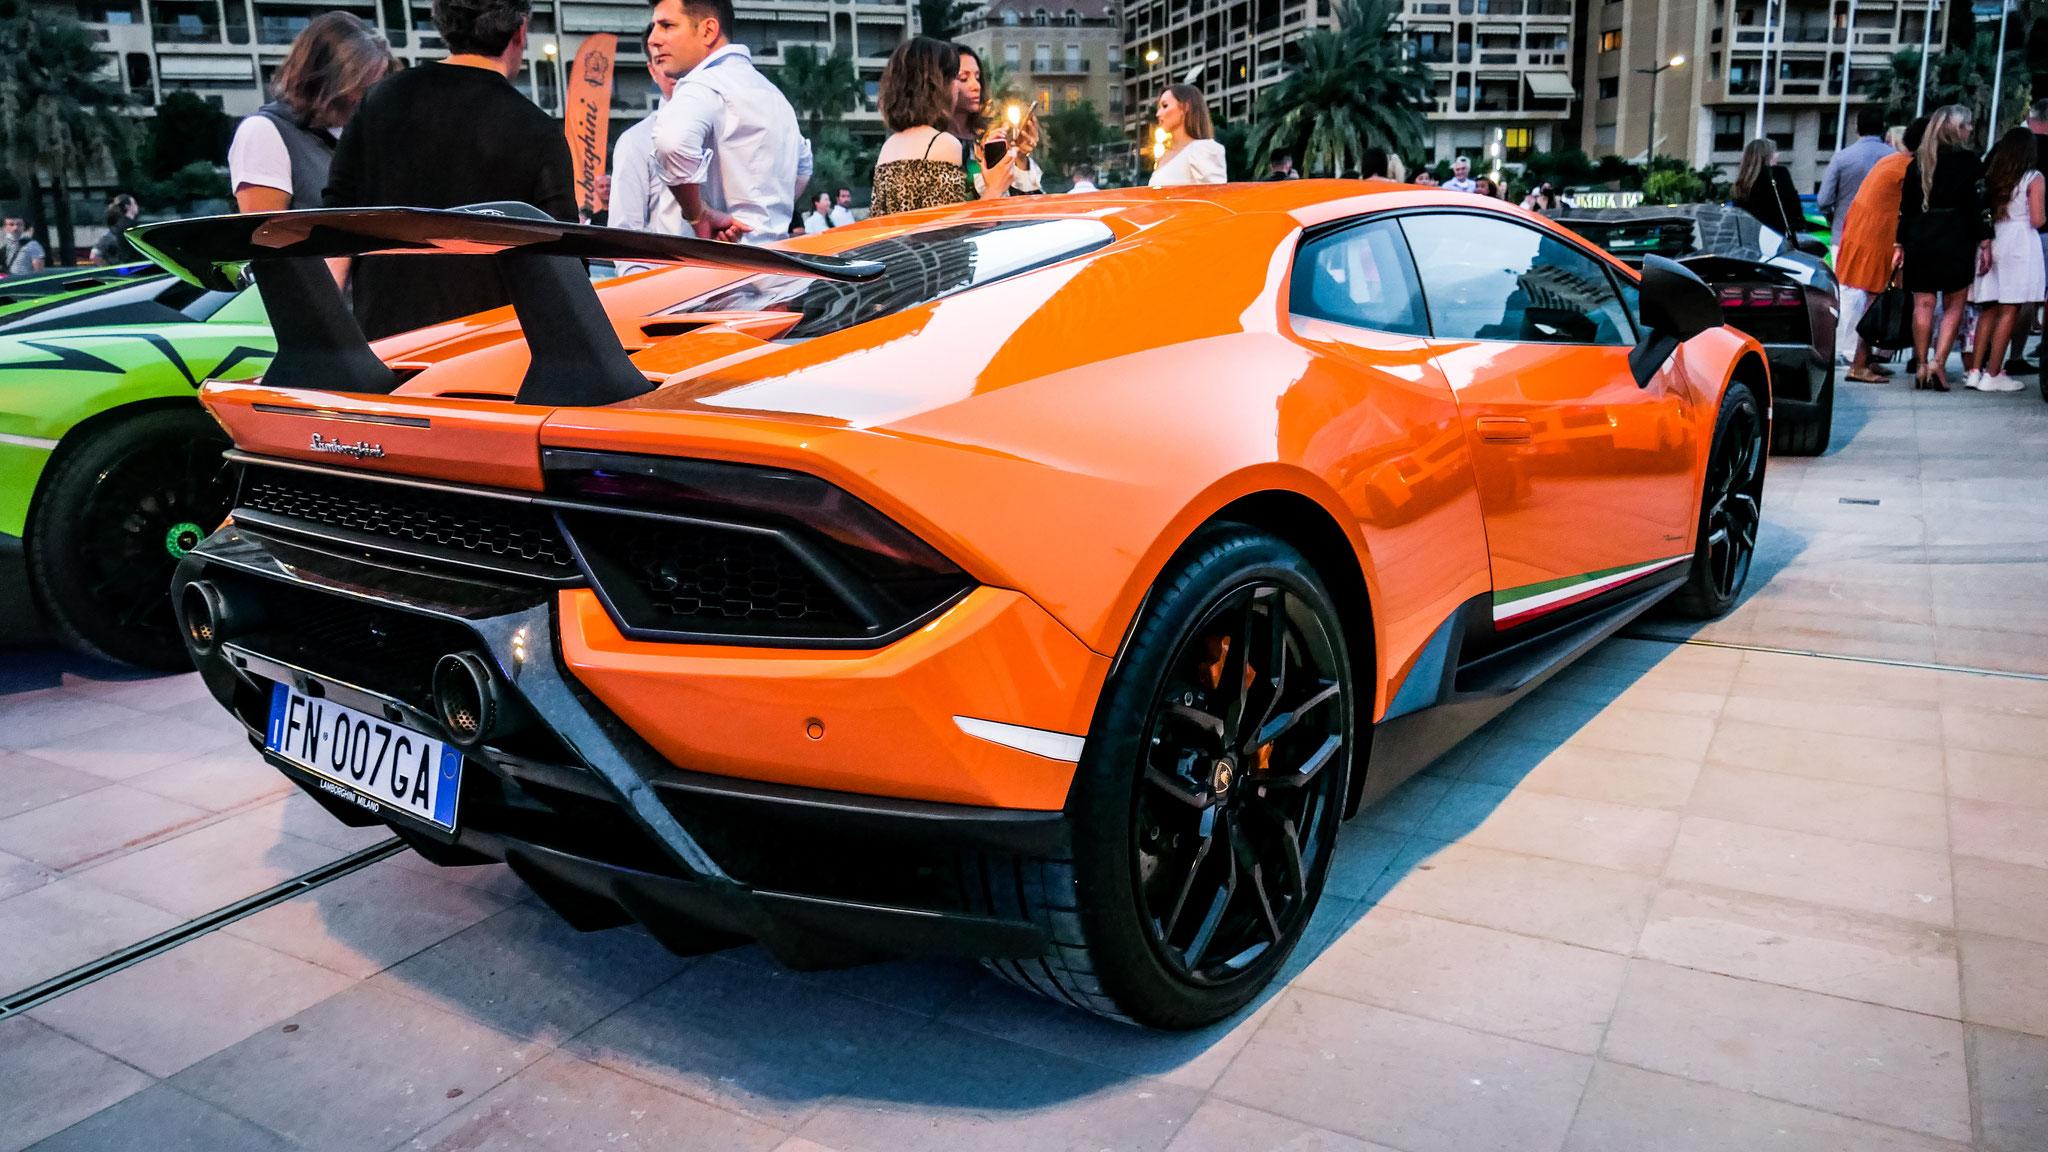 Lamborghini Huracan Performante - FN-007-GA (ITA)